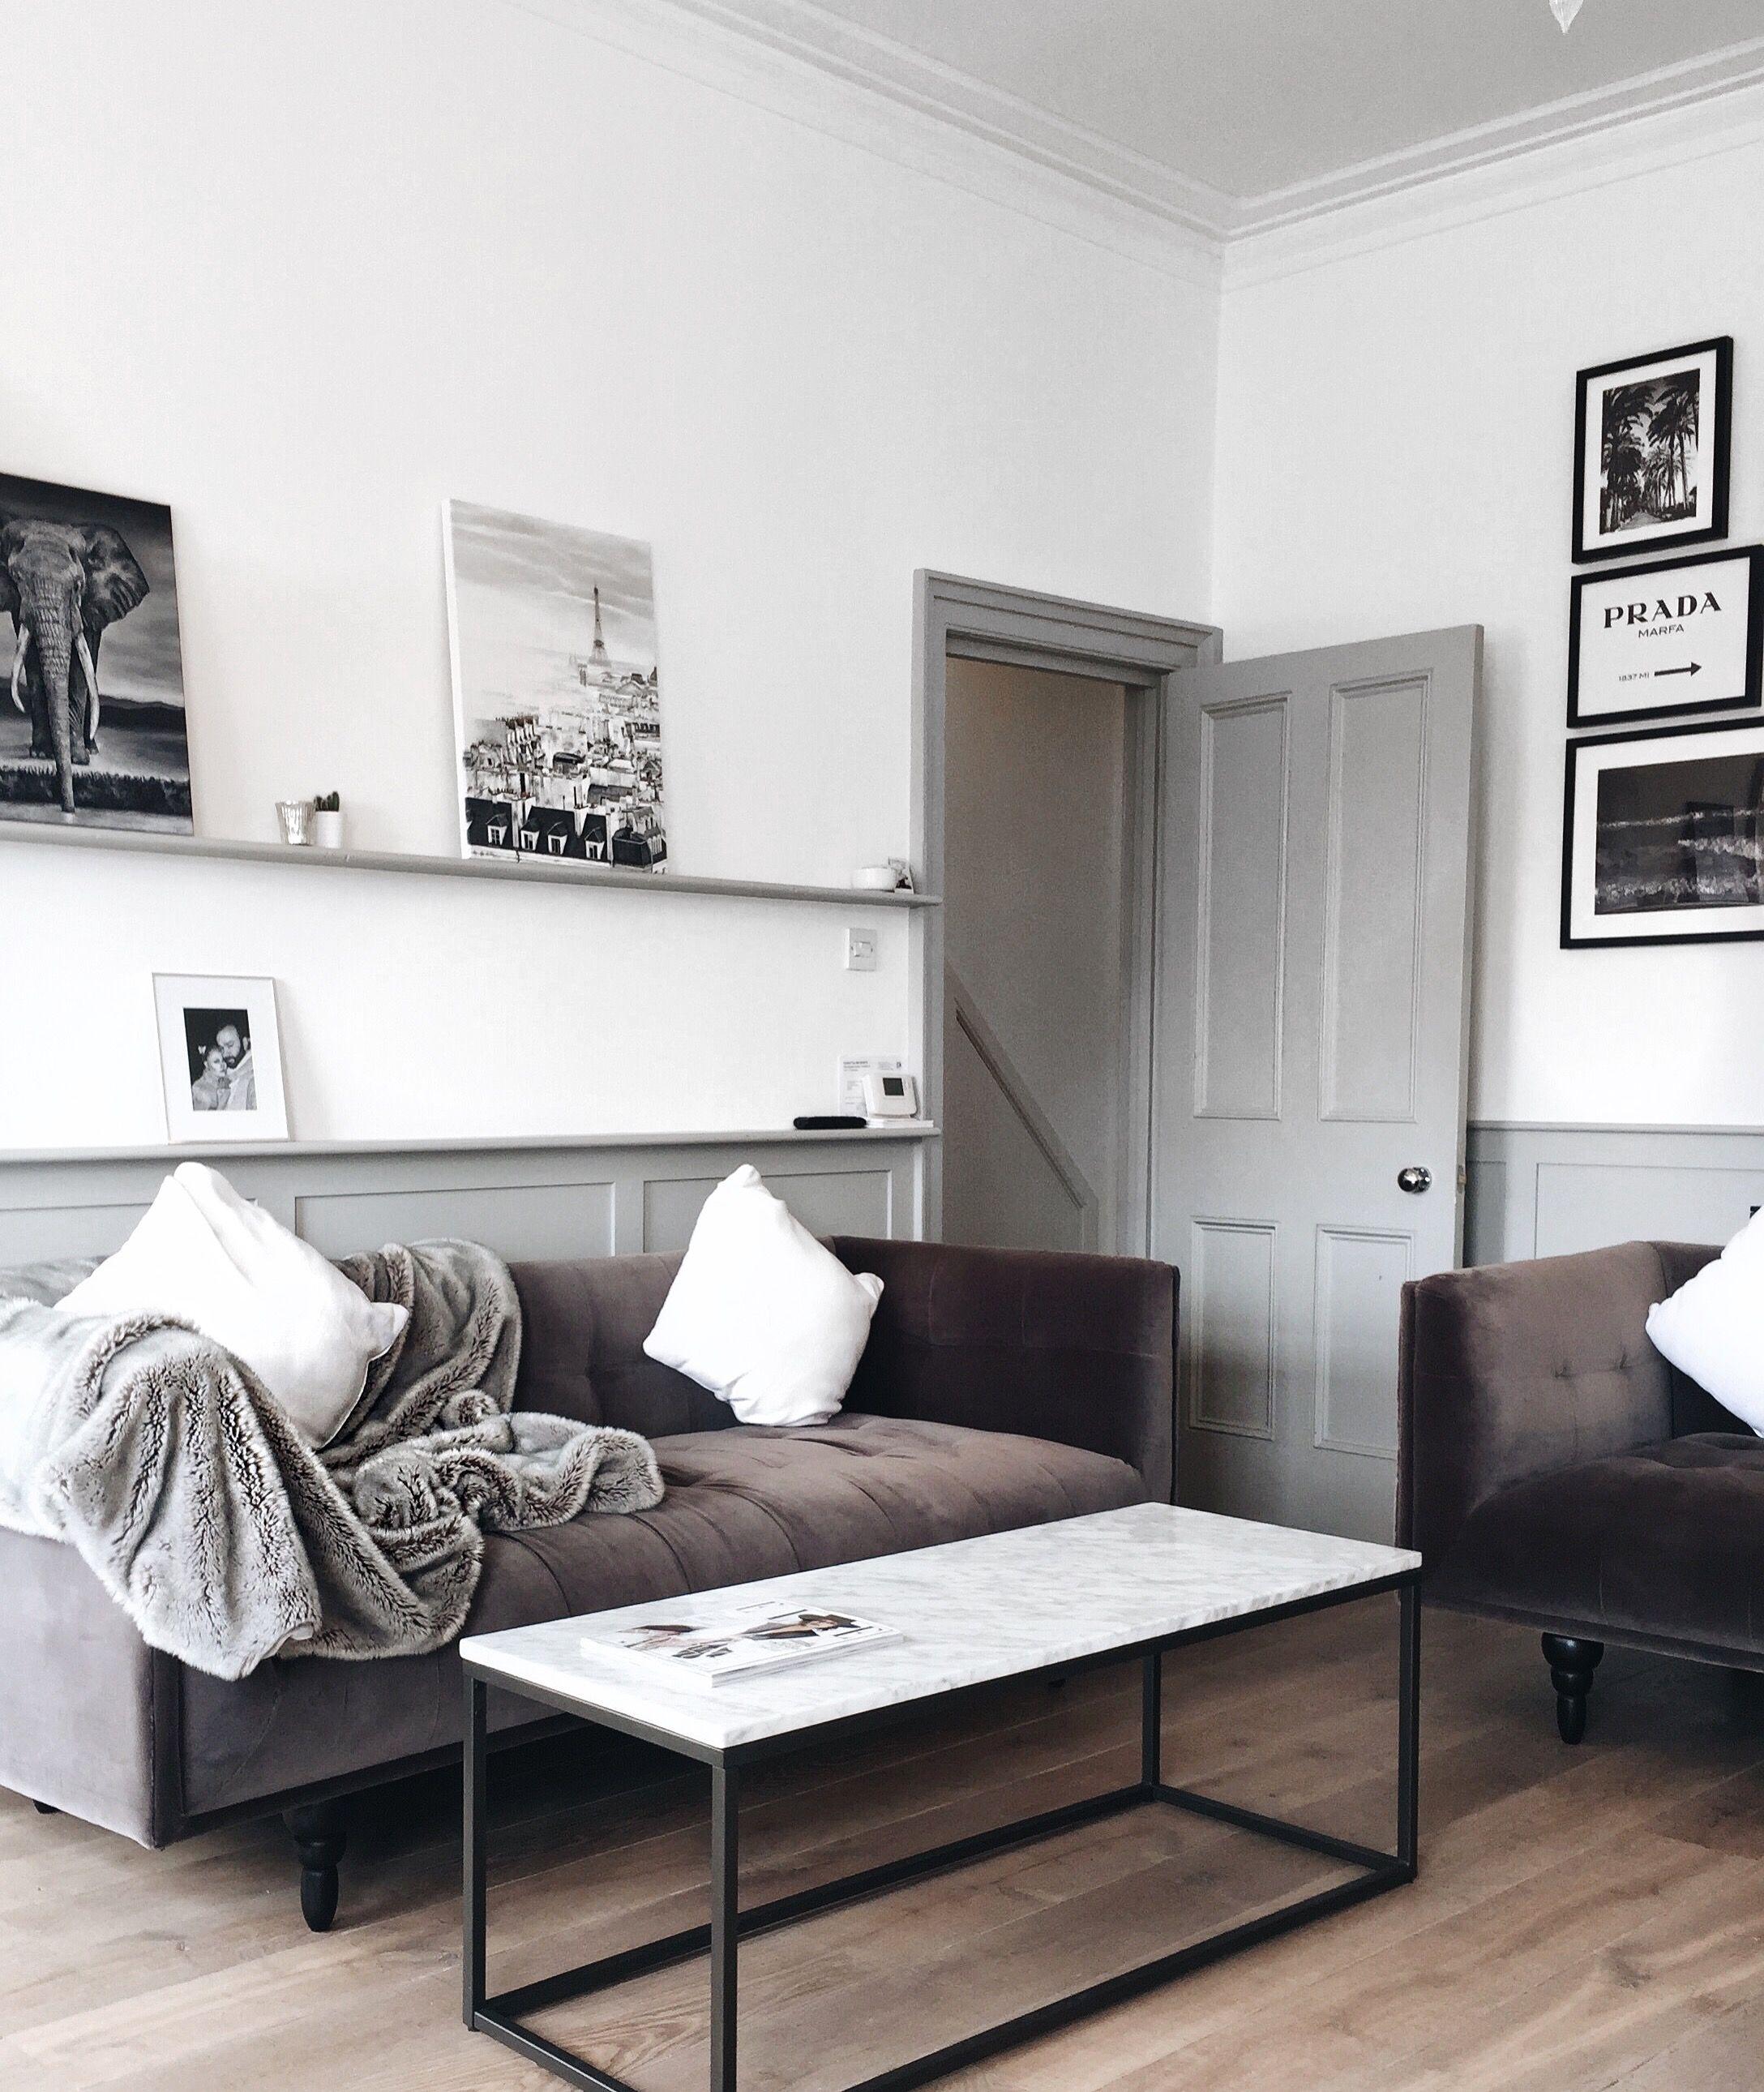 Minimalist Flat Tour, Minimal Flat, Minimalist Apartment